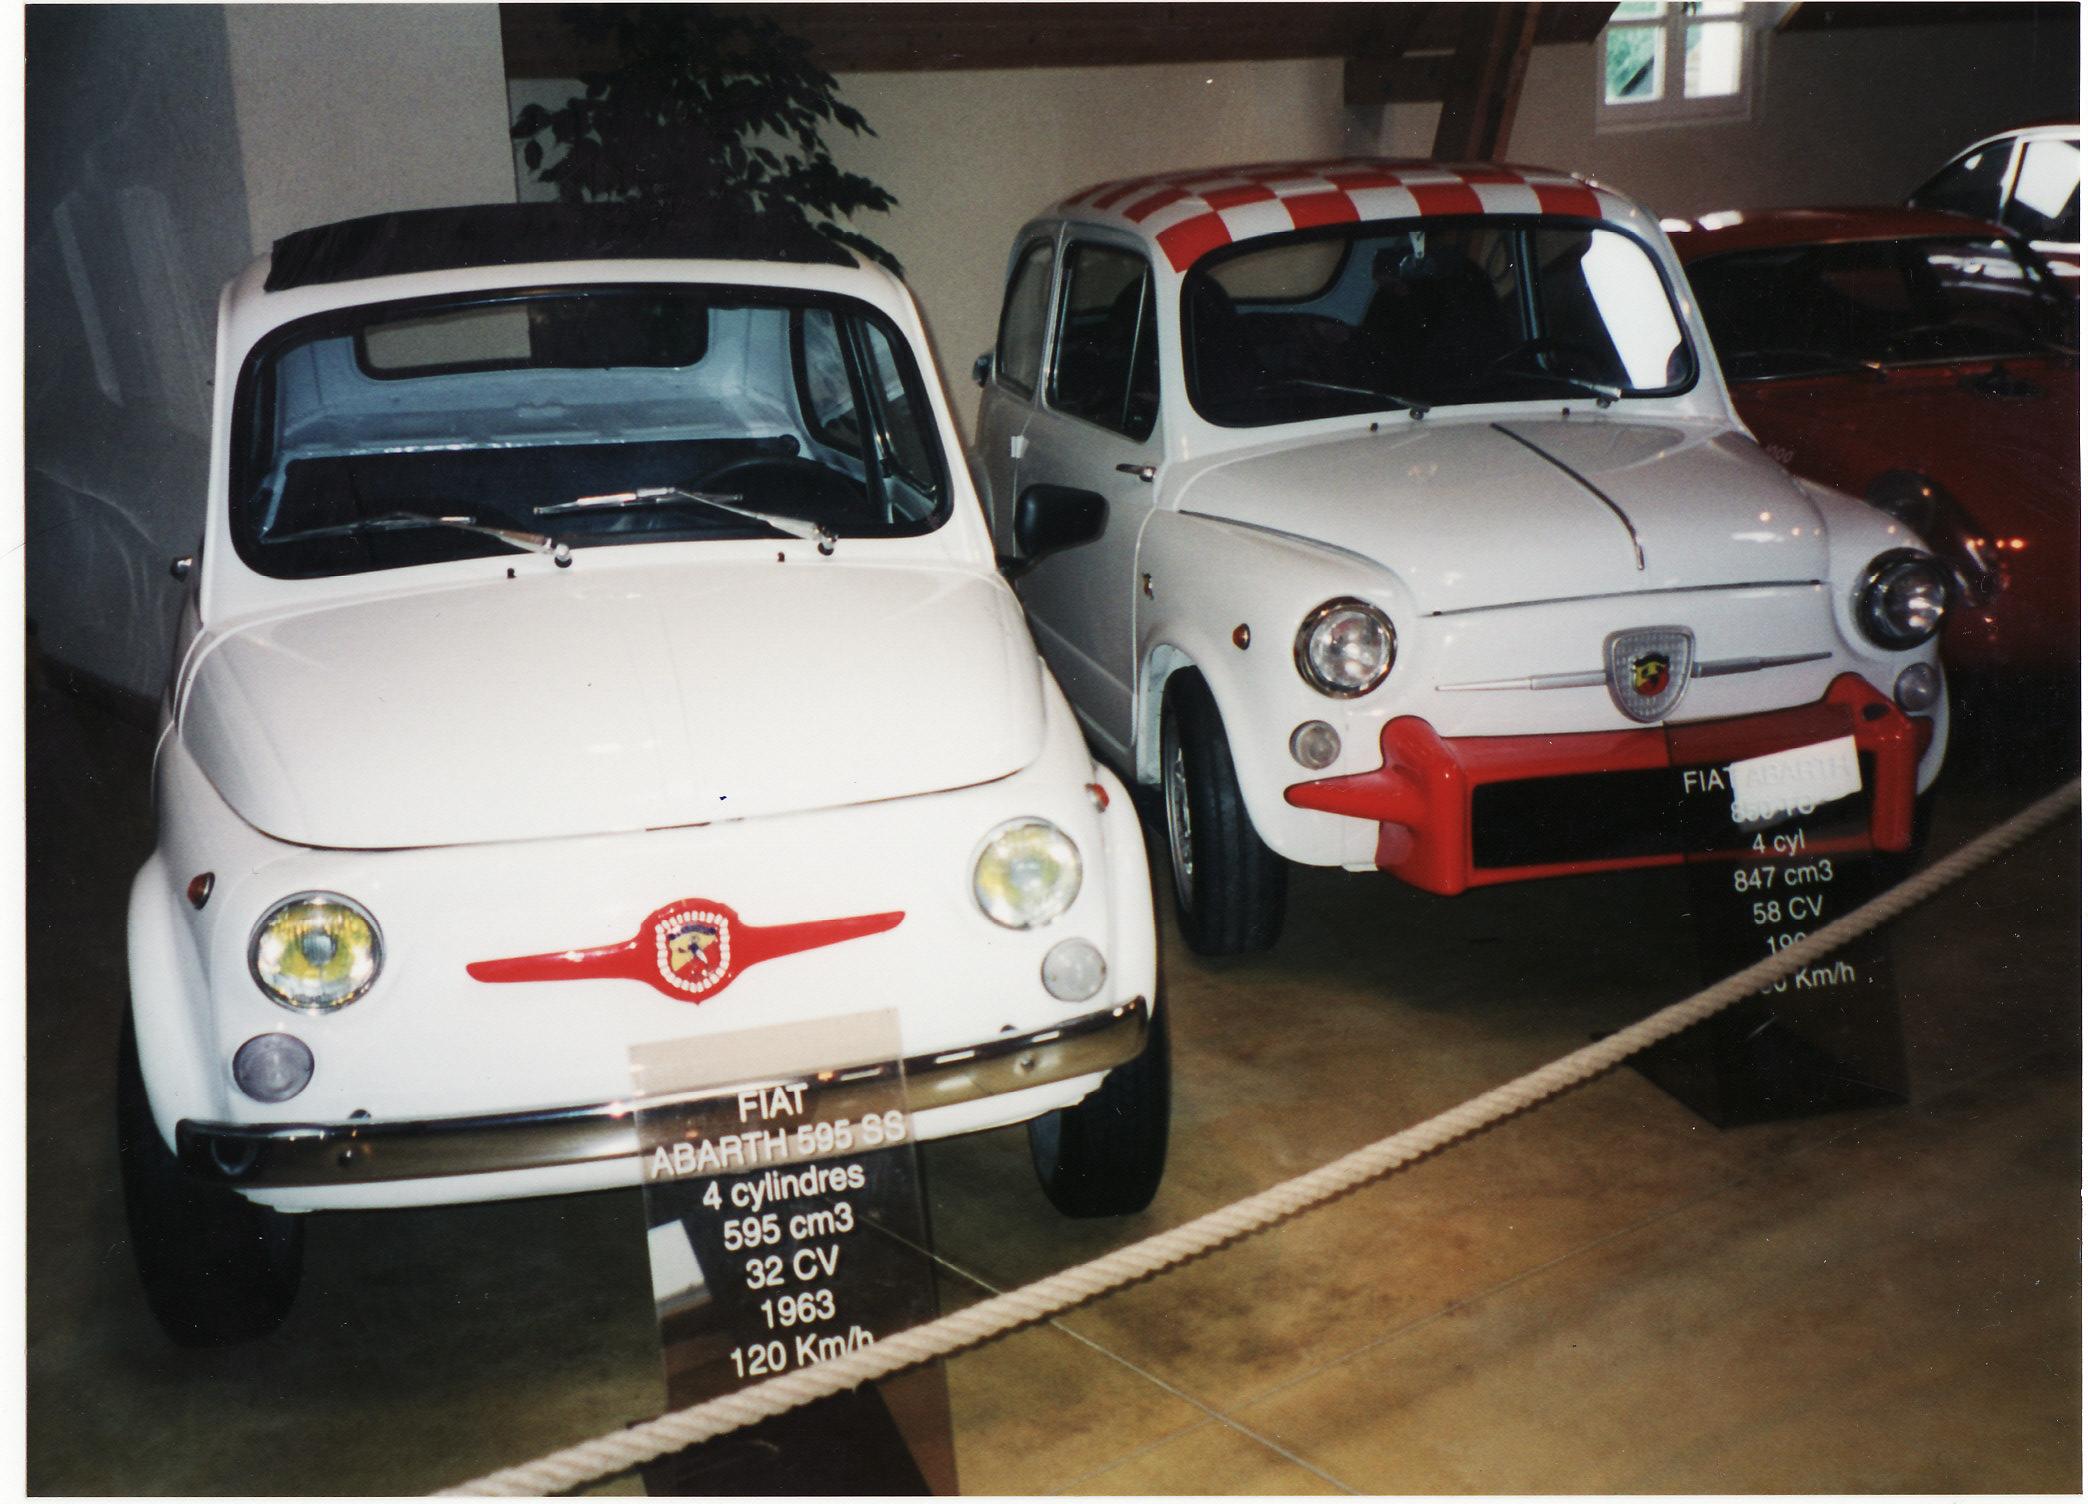 File:1963 Fiat Abarth 595 SS & 850 TC (16593245622).jpg - Wikimedia